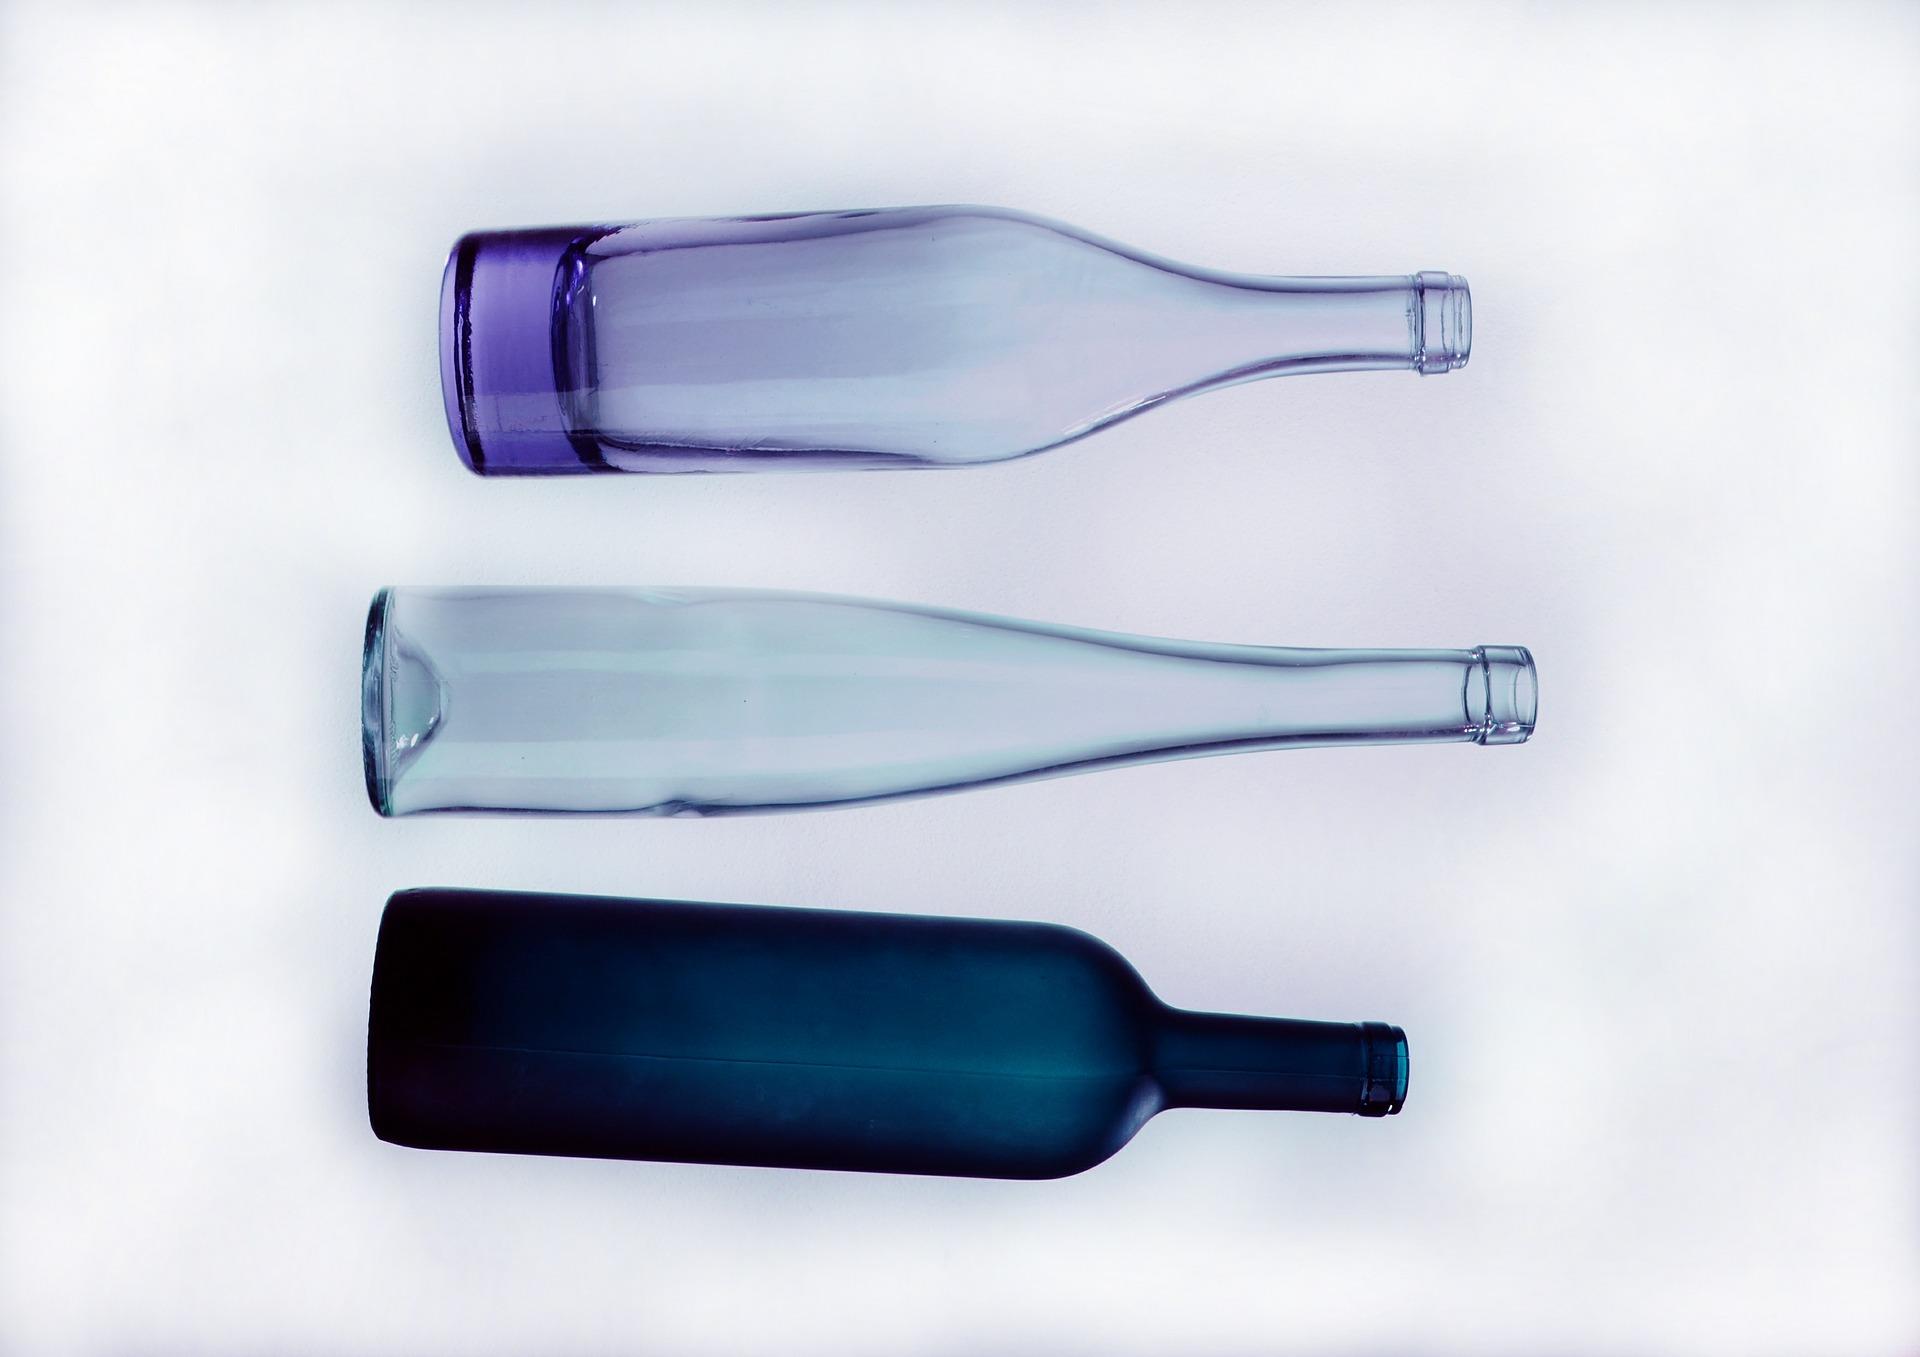 Flaschendrehen zieht Bußgeldanzeige nach sich